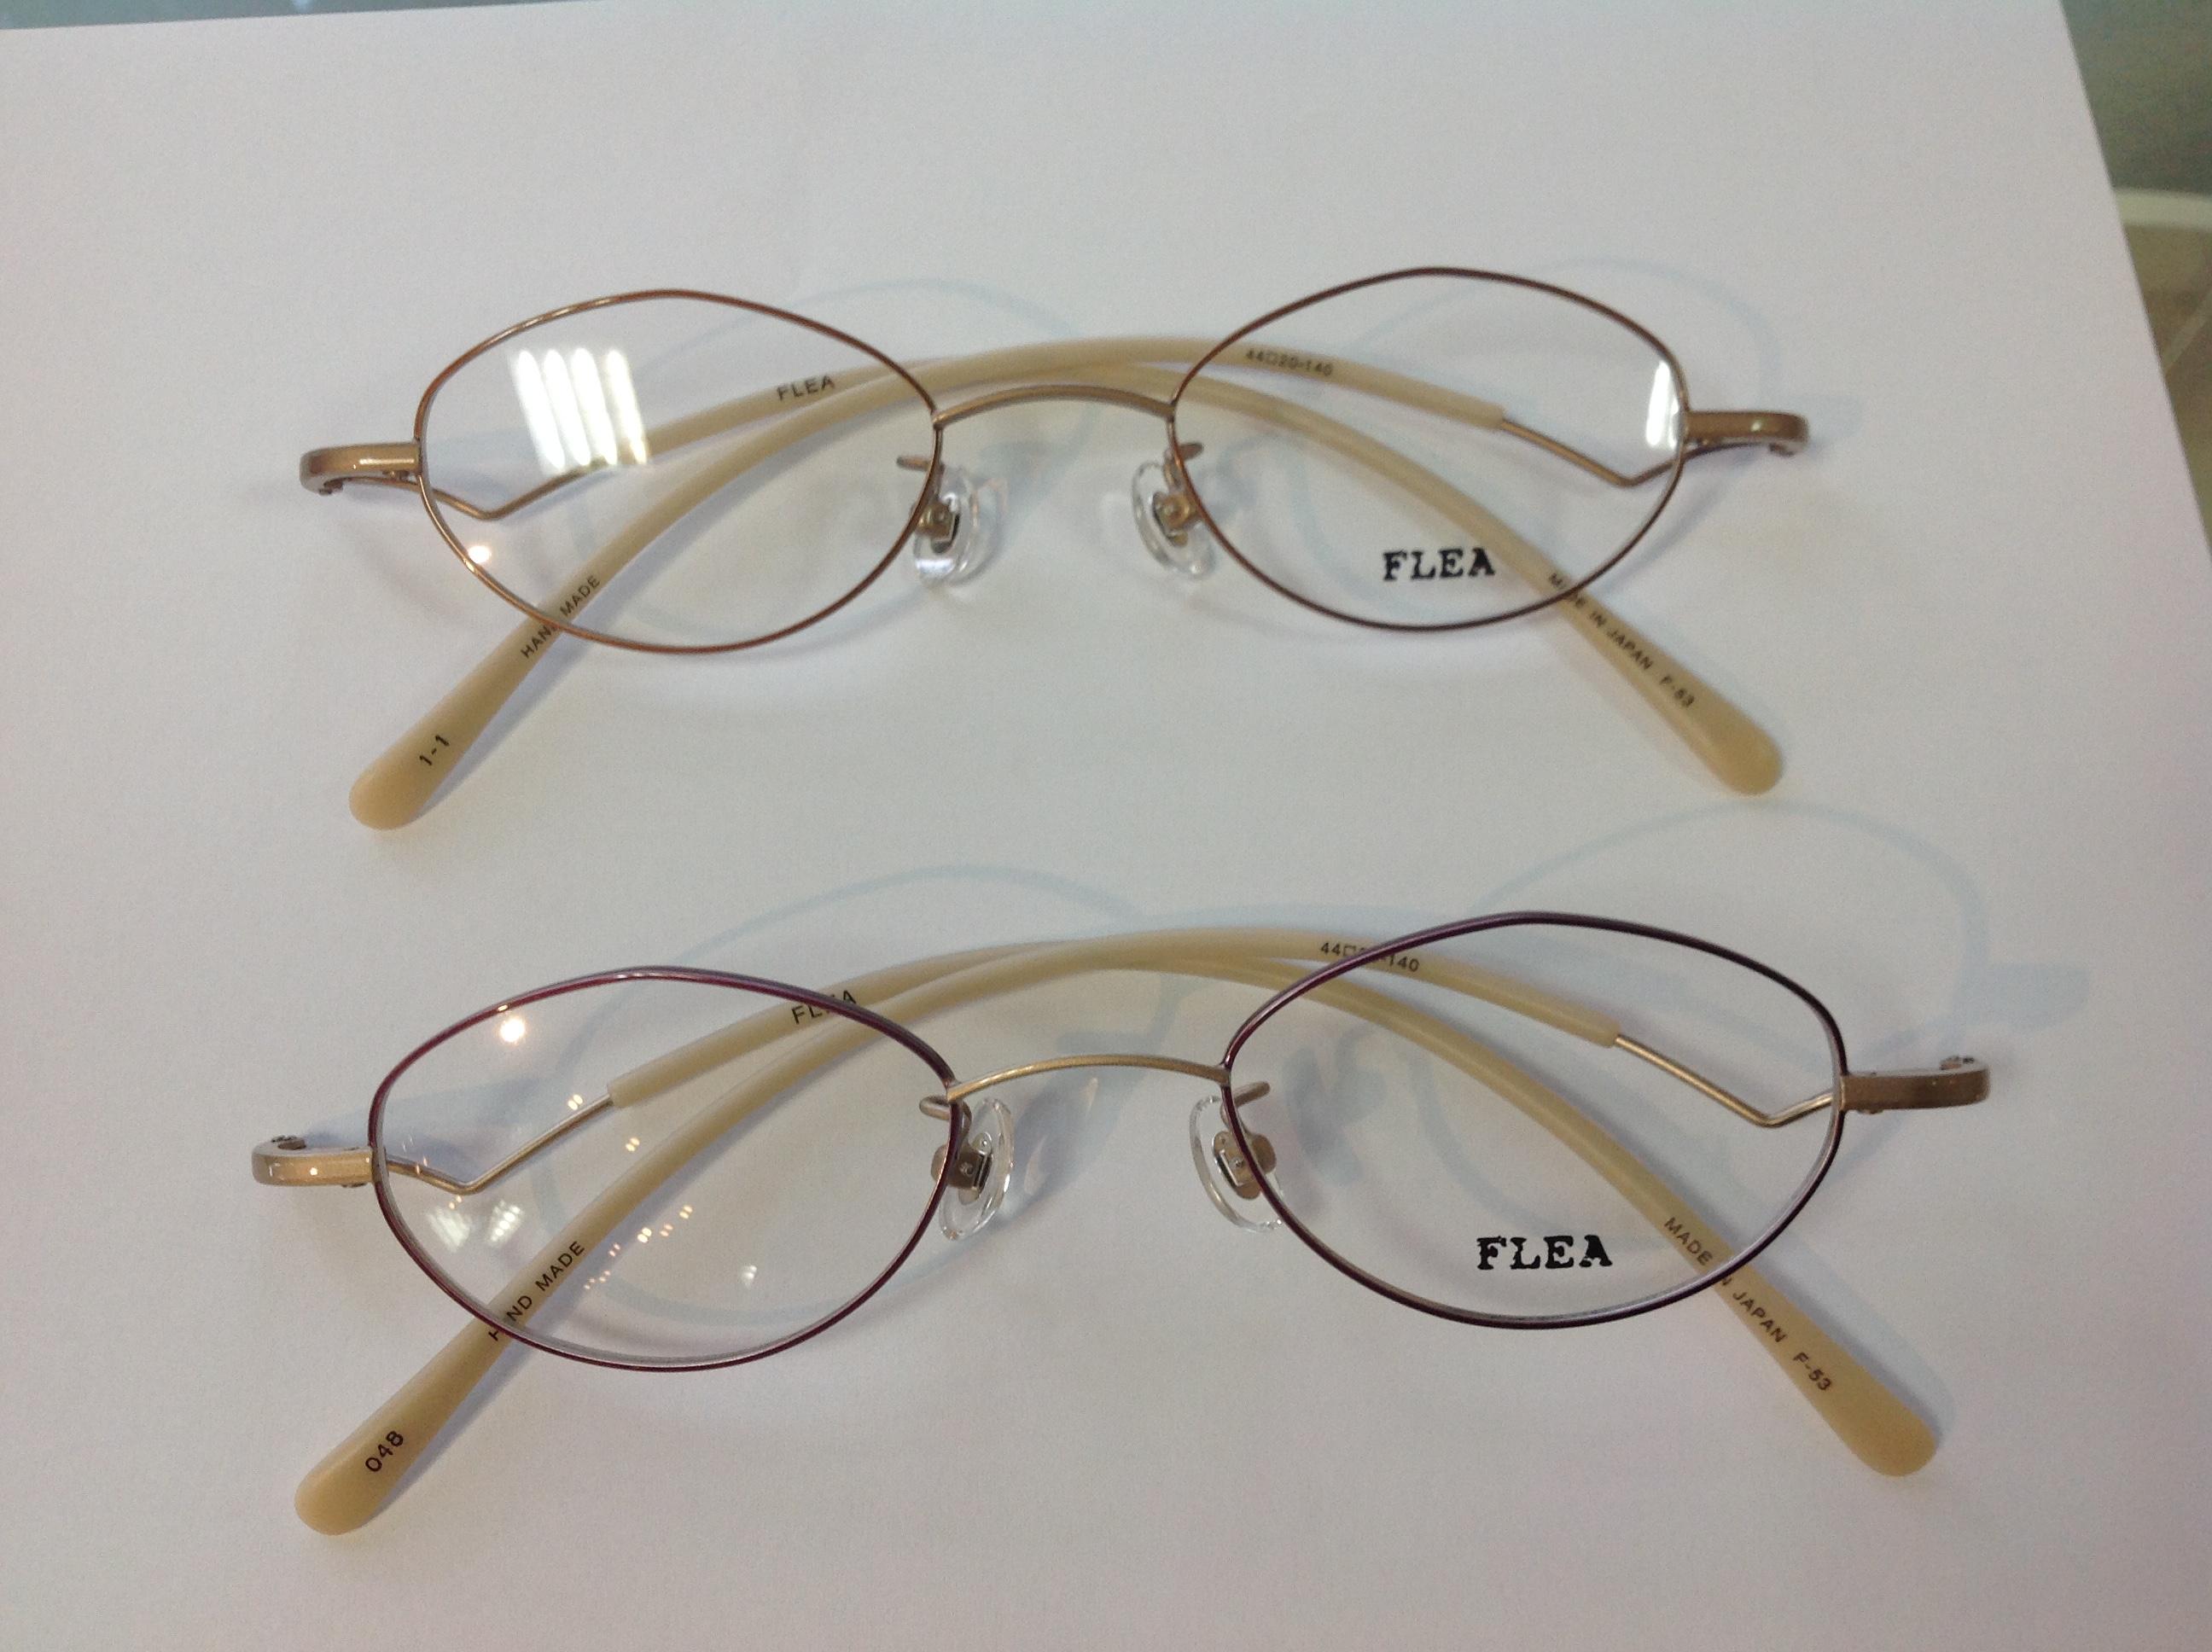 高木美保さんご愛用のメガネ FEEA入荷